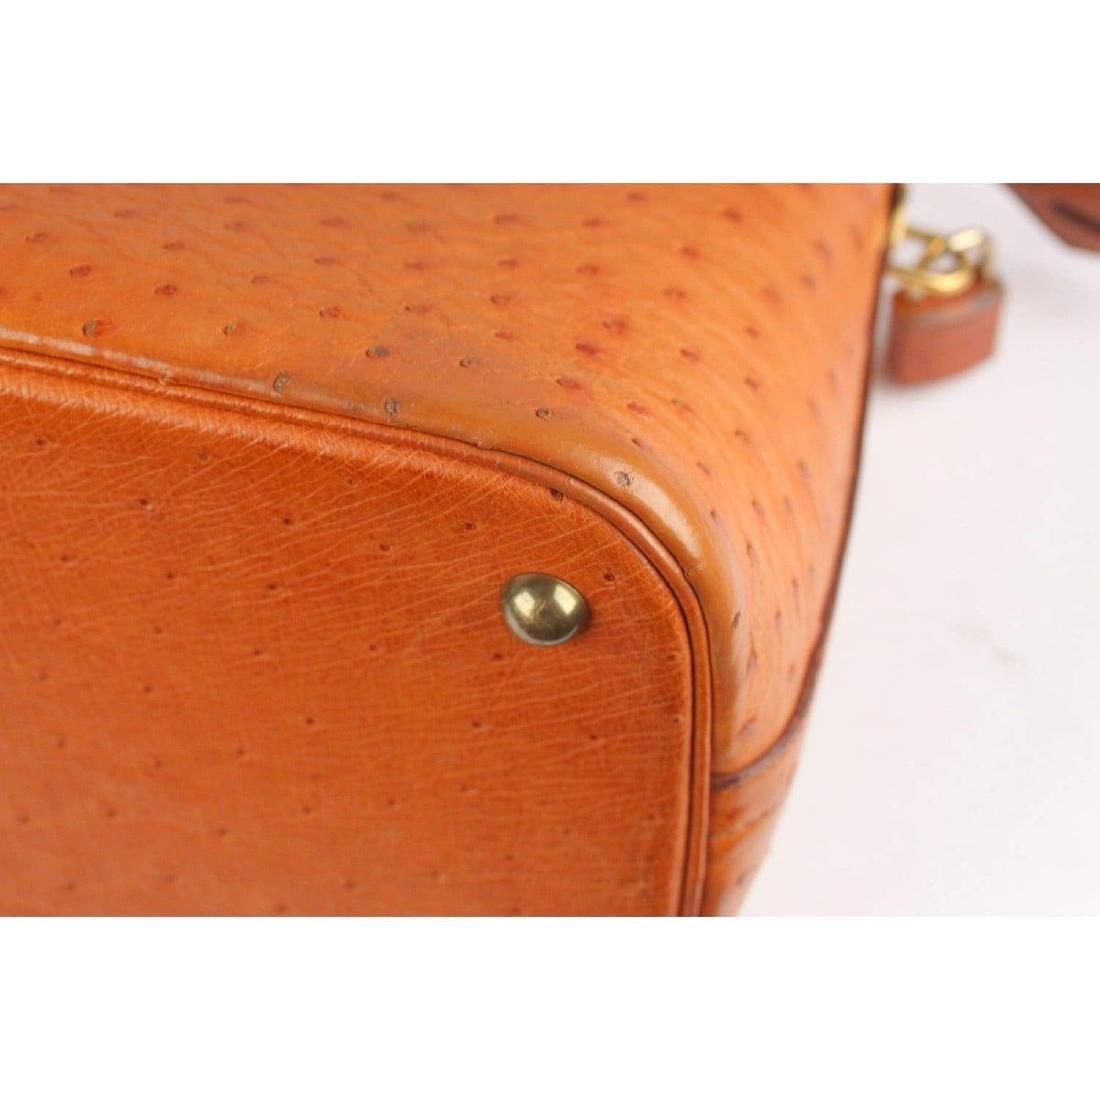 Hermes Vintage 1992 Tan Ostrich Bolide 35 Bag - 6